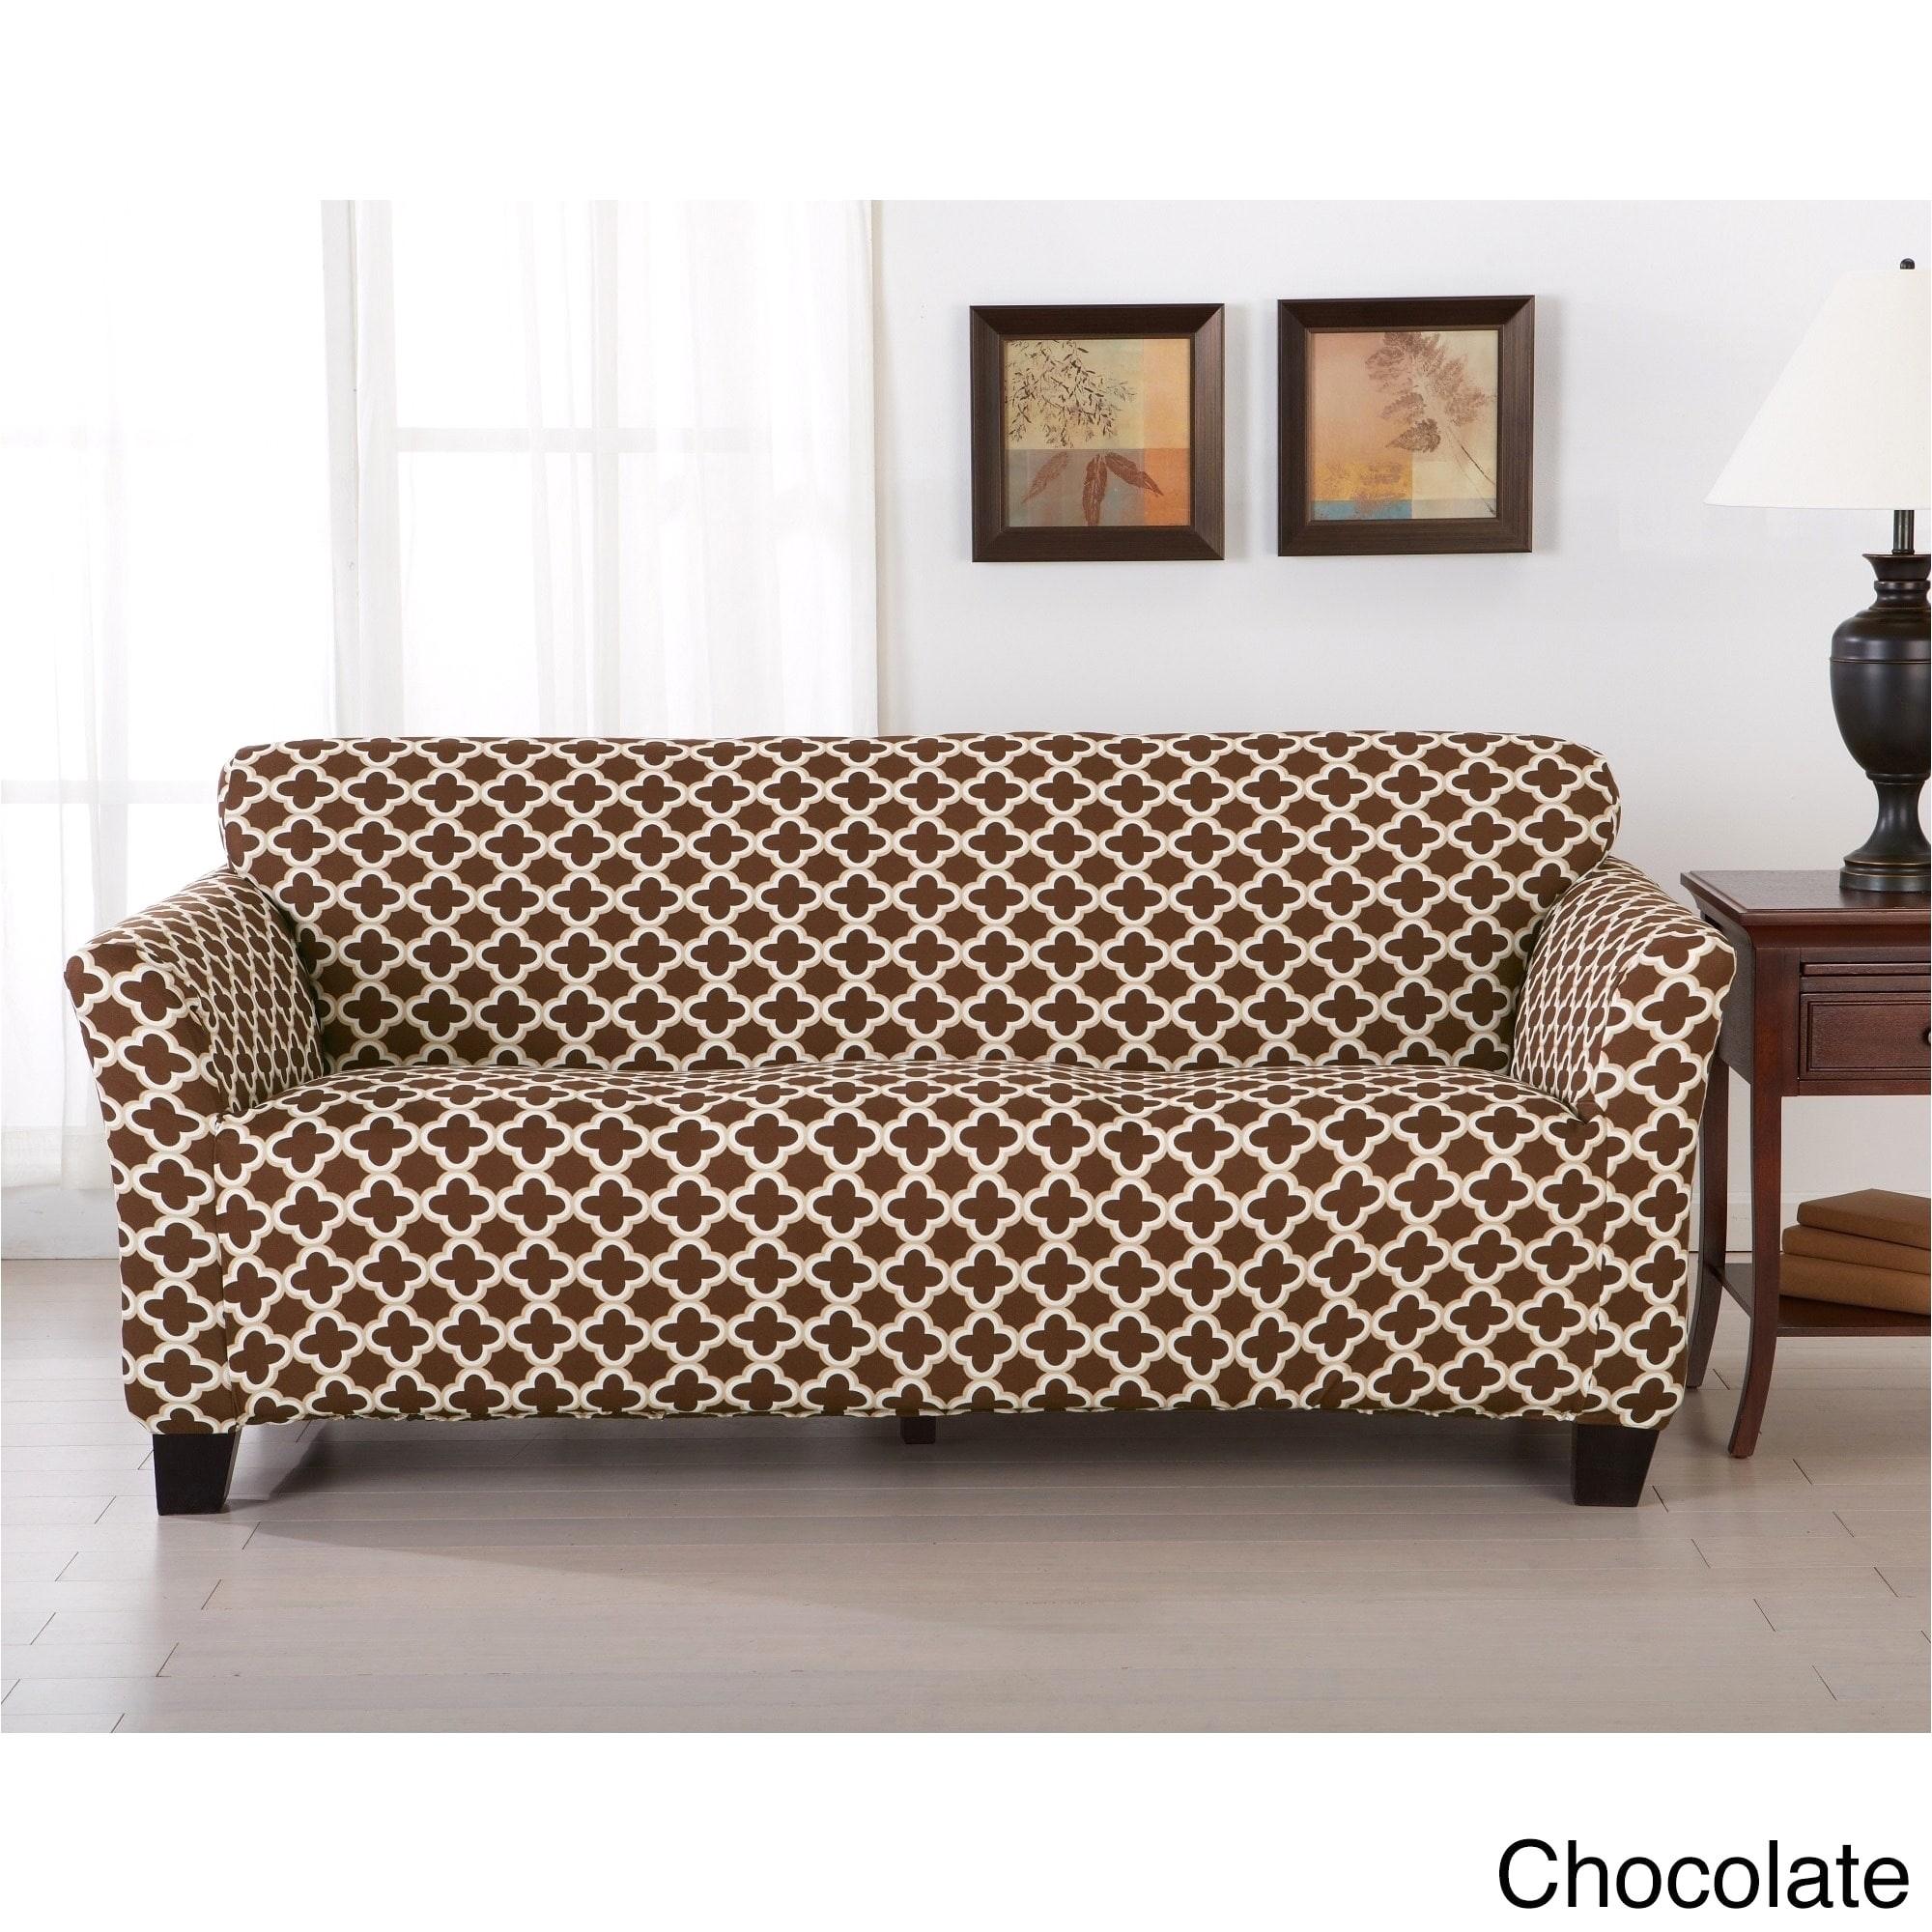 L Shaped Sofa Covers Online Dubai 50 Elegant L Shaped Sofa Covers Online  Graphics 50 Photos